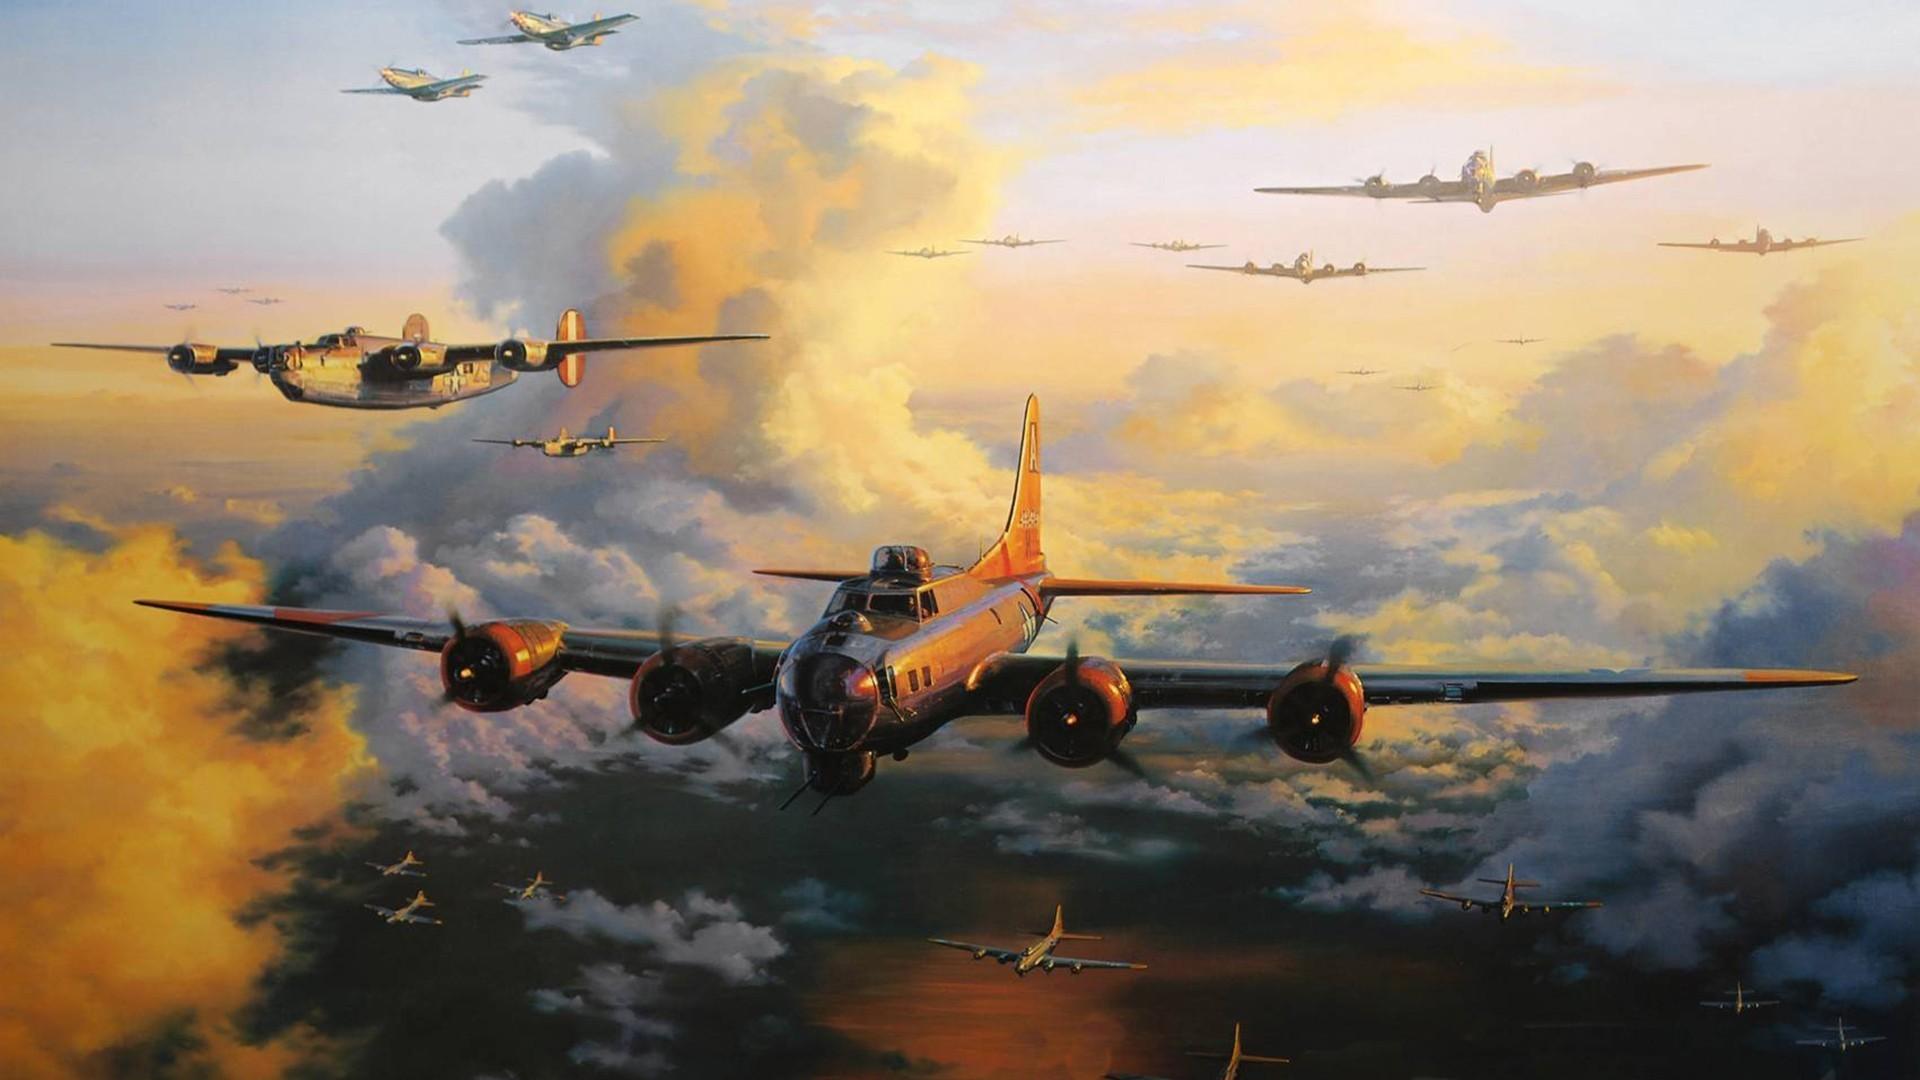 Aircraft military bomber world war ii wallpaper   AllWallpaper.in .